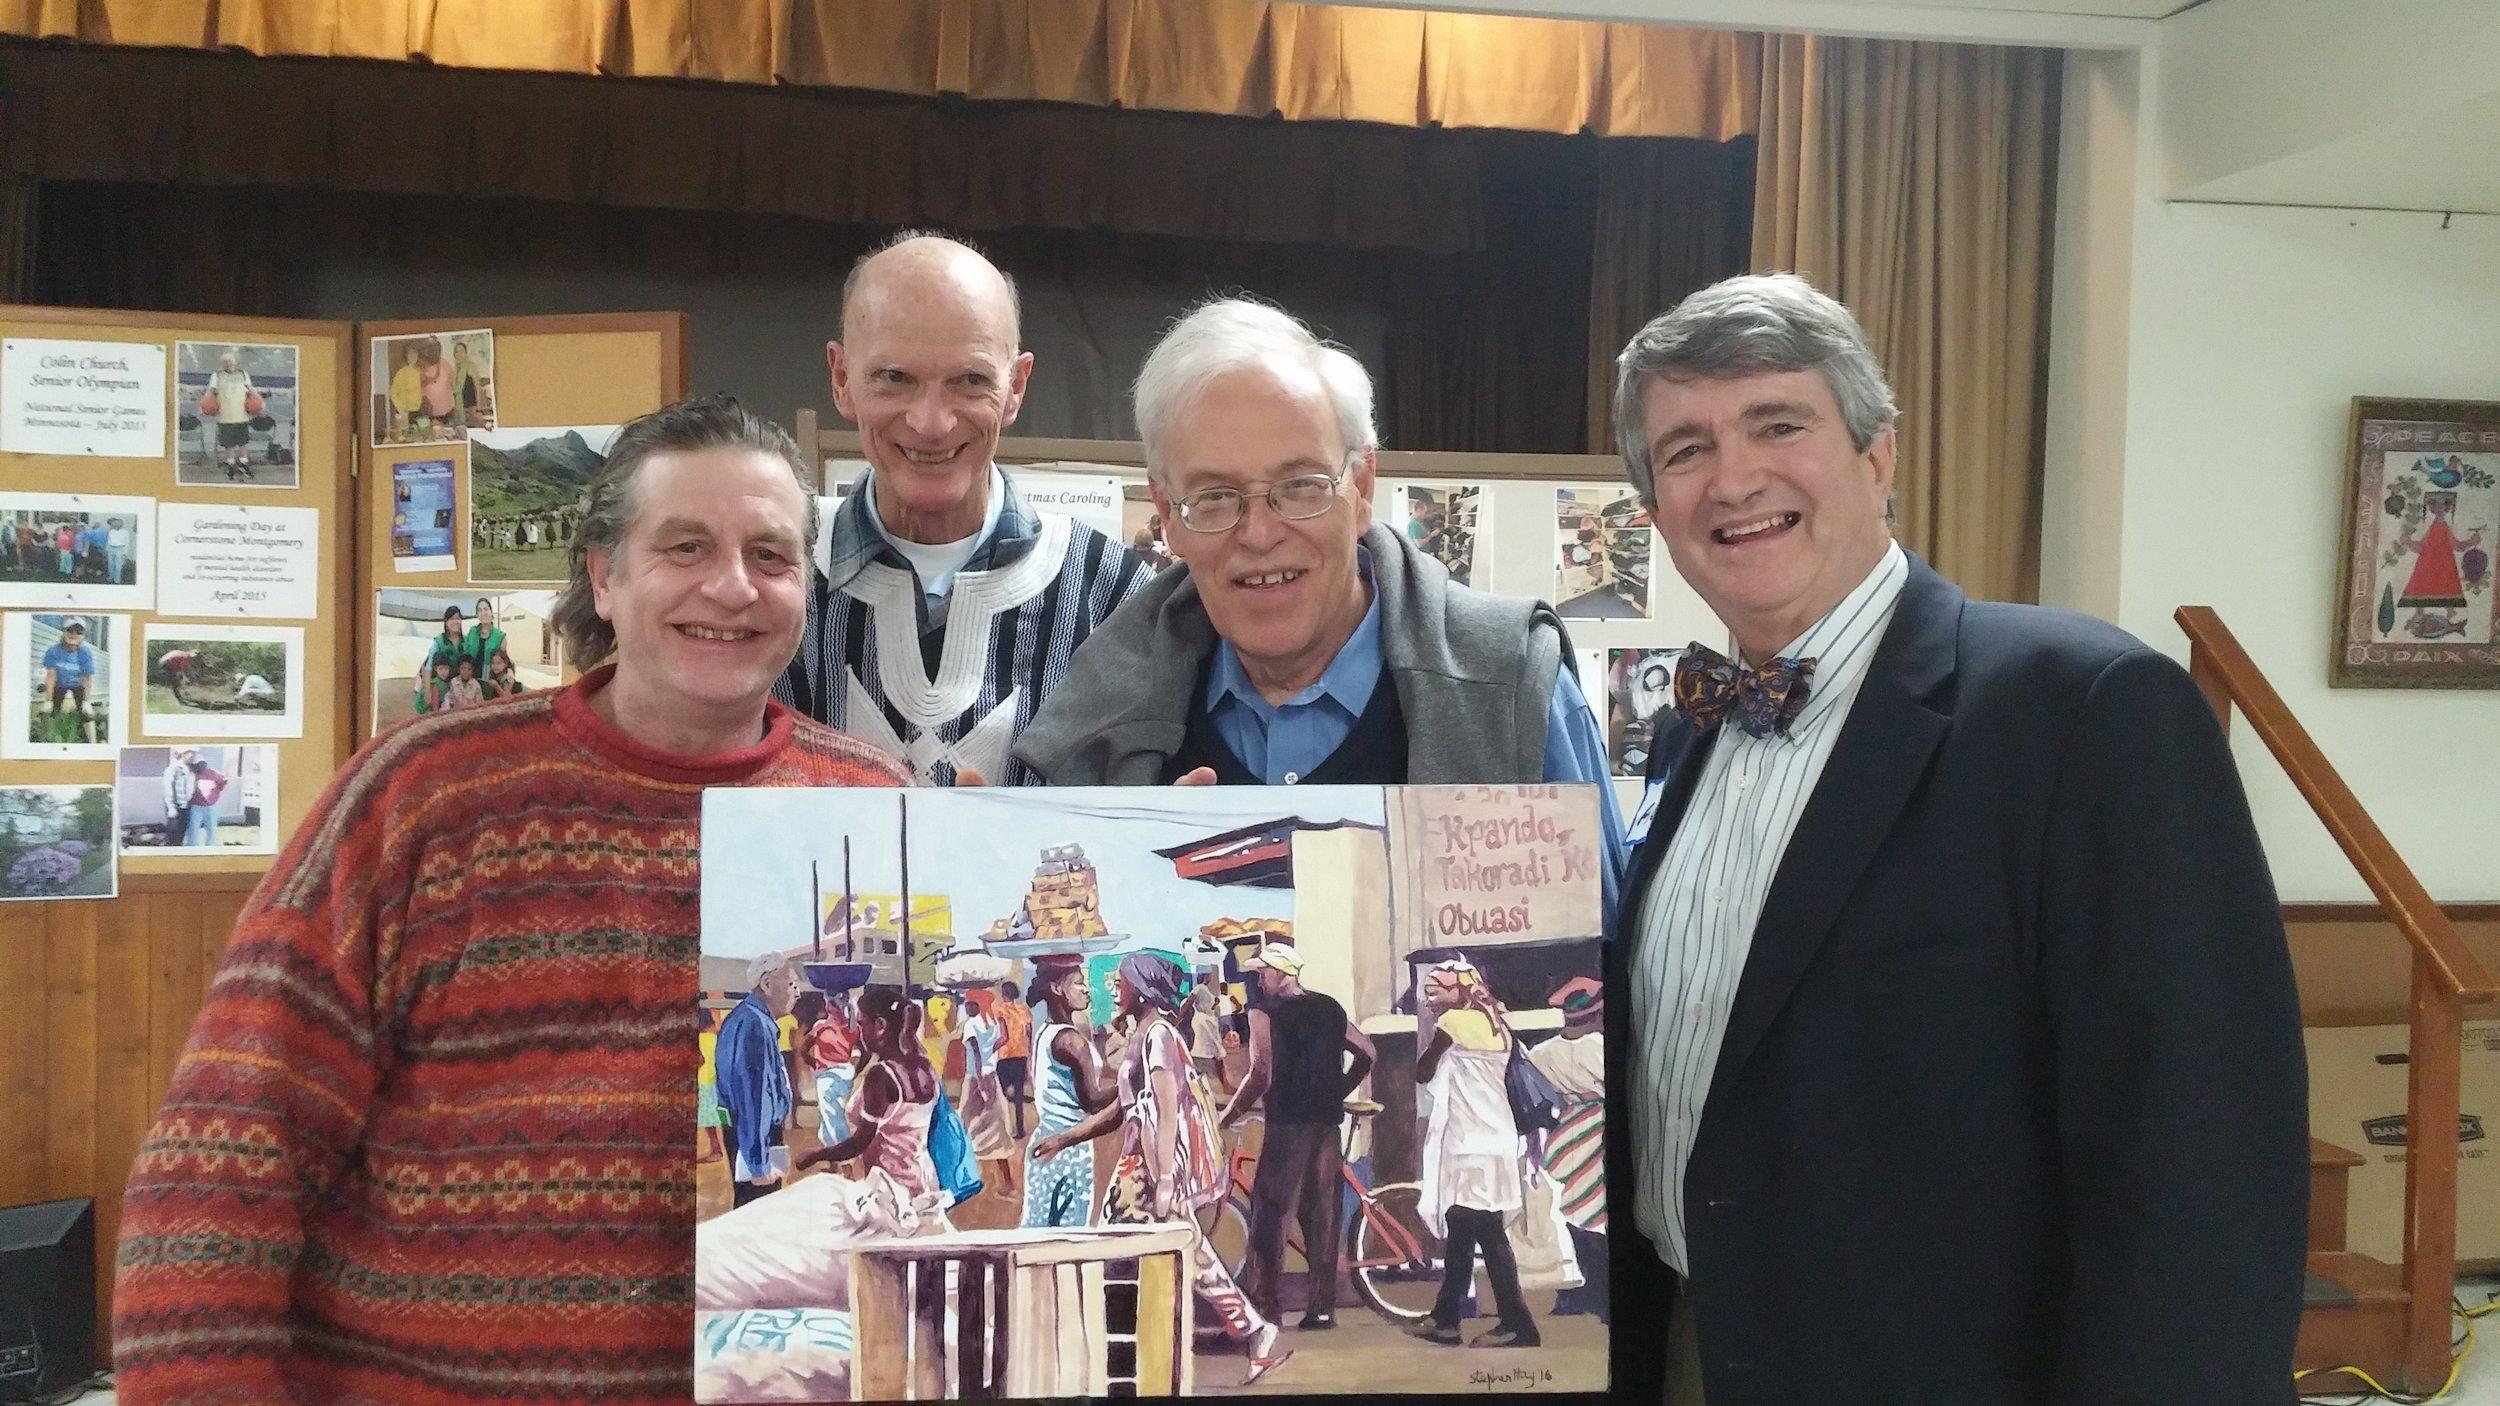 Dan Steve Dr. Marti, Dr. Al presenting painting.jpg